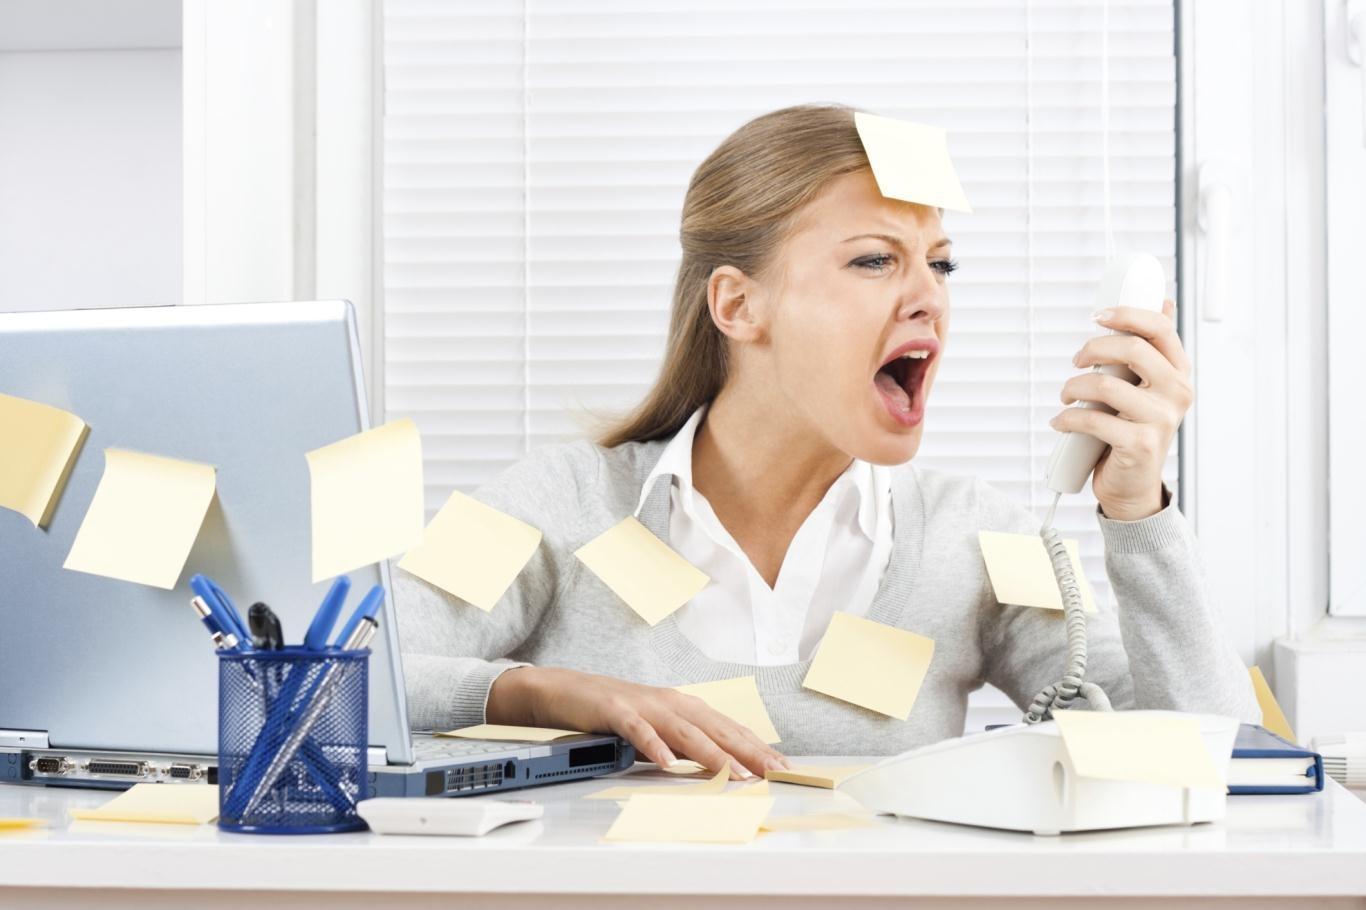 Người thường xuyên làm việc trong môi trường căng thẳng